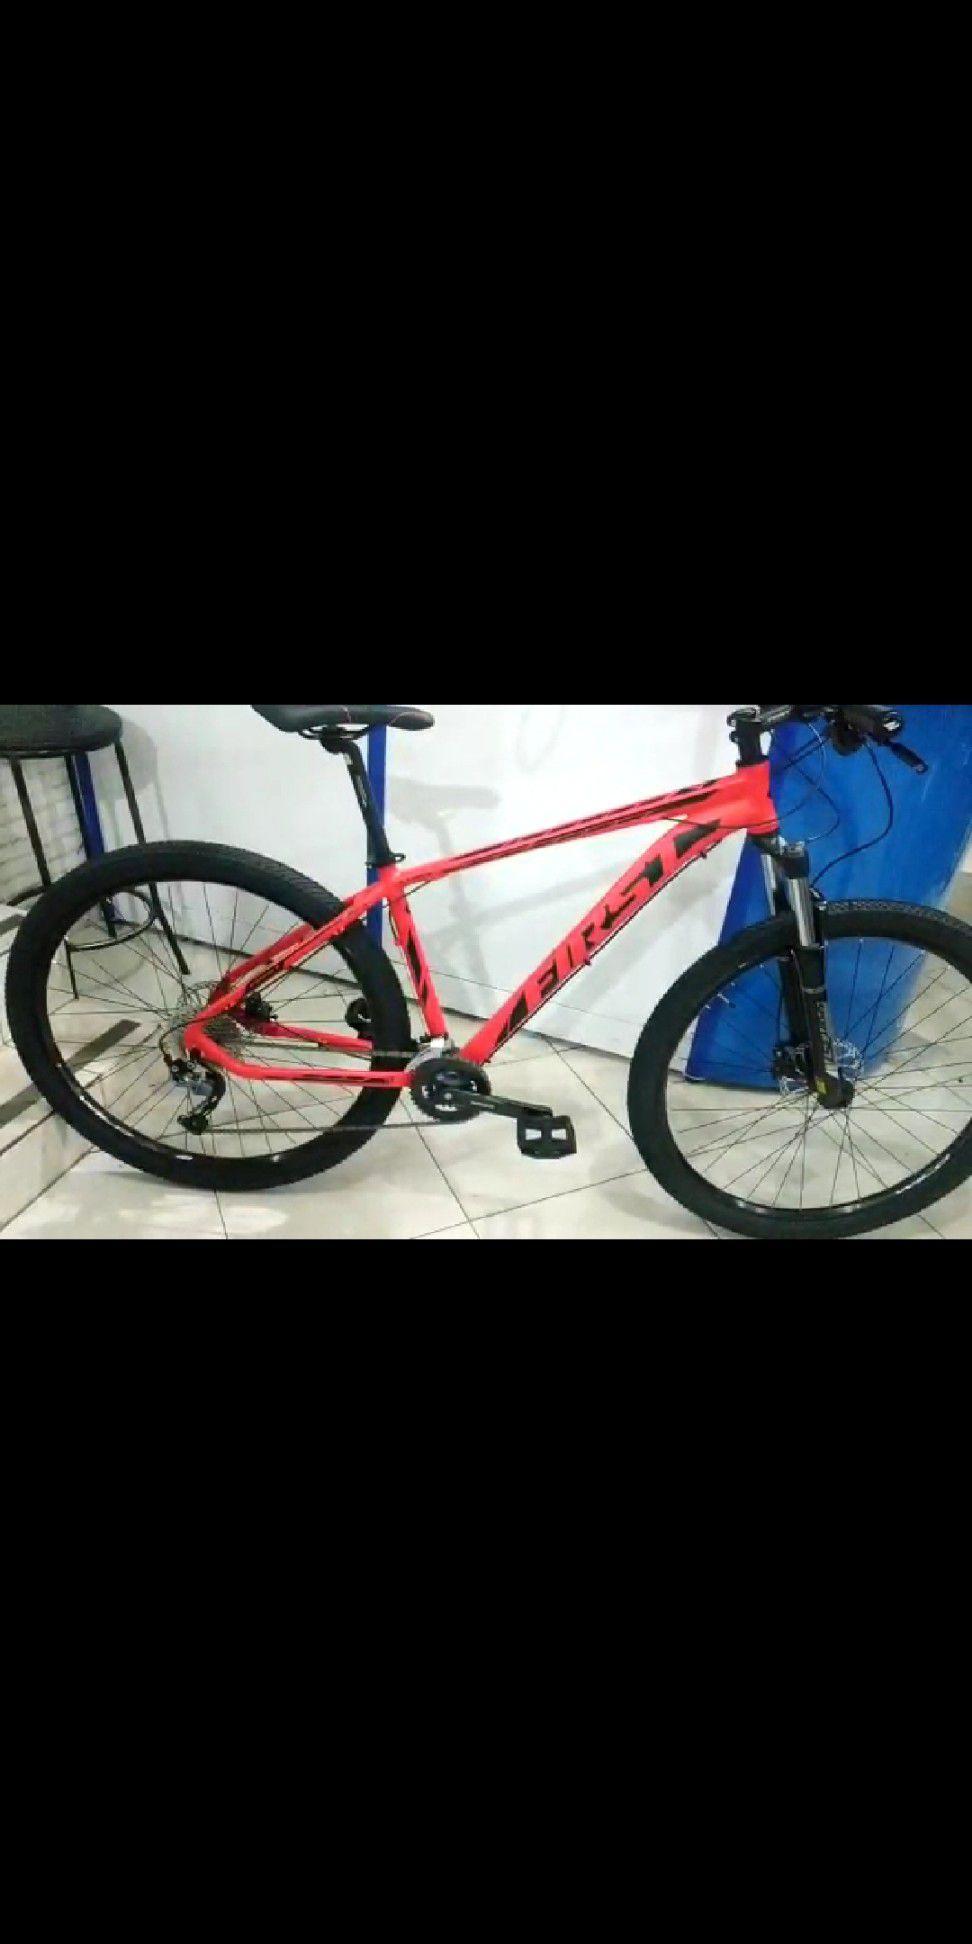 Bicicleta FIRST Lunix aro 29 - 18v Shimano Altus/Alívio -Freio Shimano Hidráulico - Suspensão GTA c/ trava no guidão